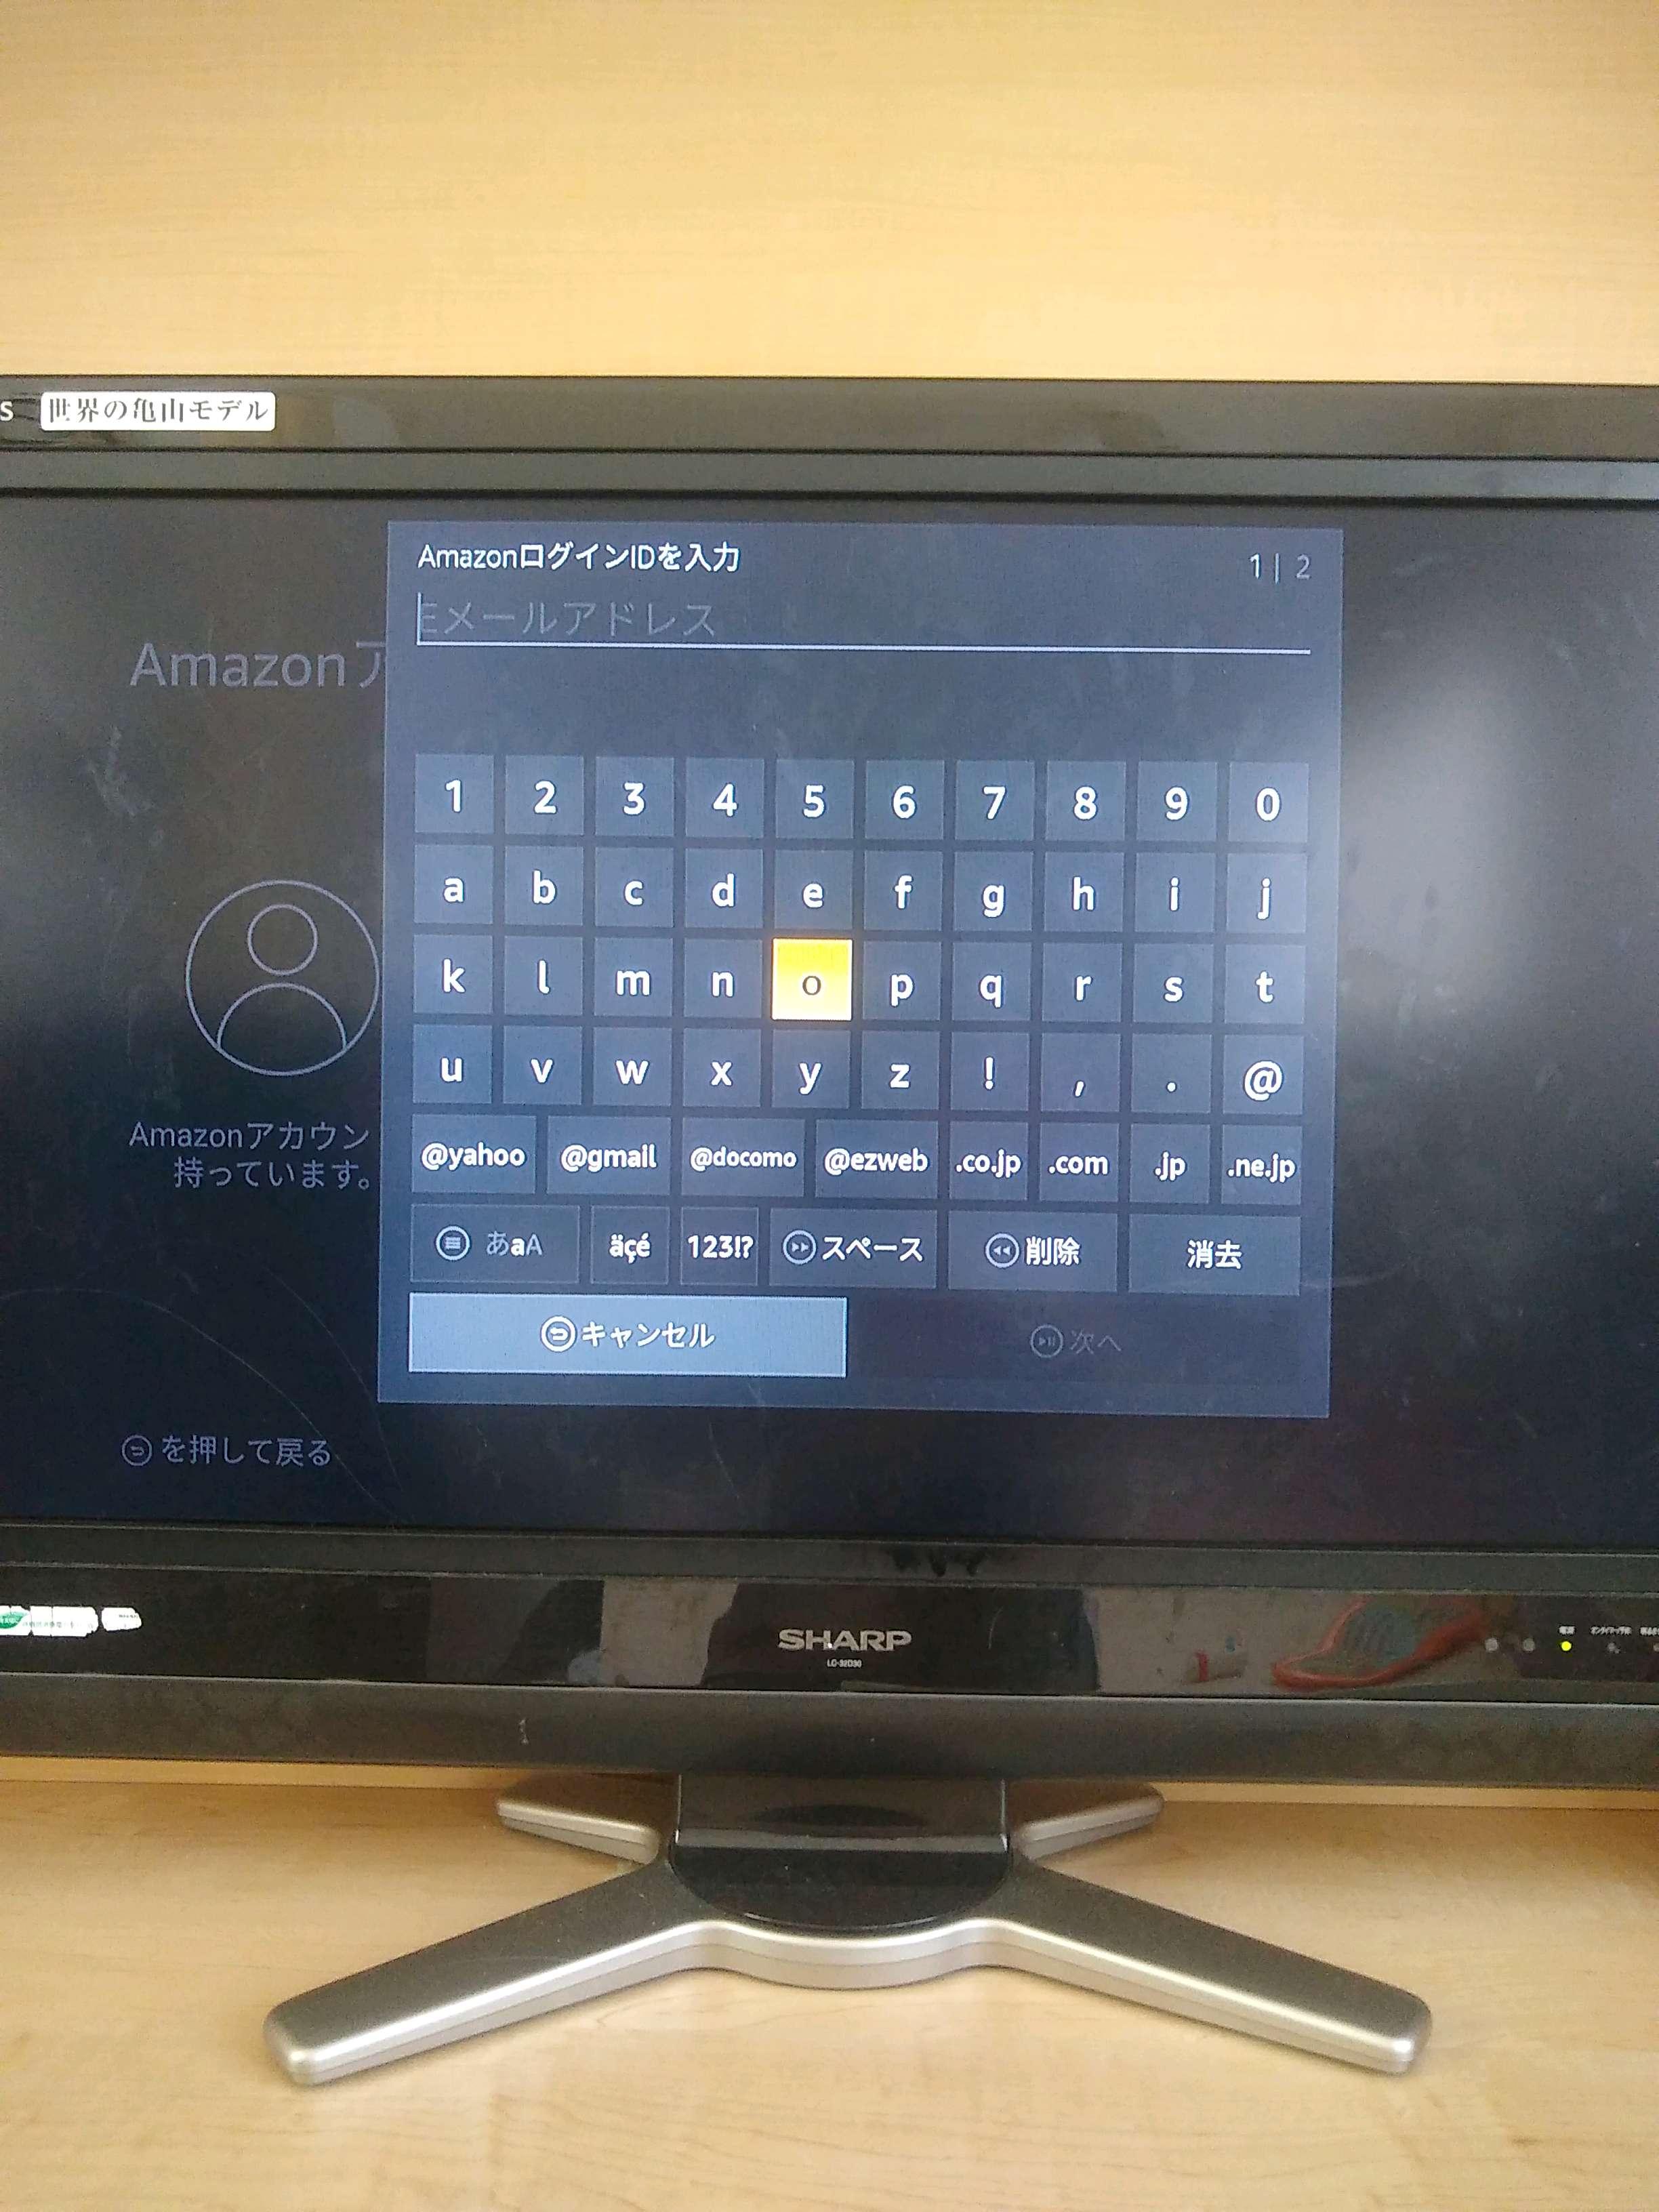 12.Fire TV Stick_アマゾンアカウントサインイン情報入力